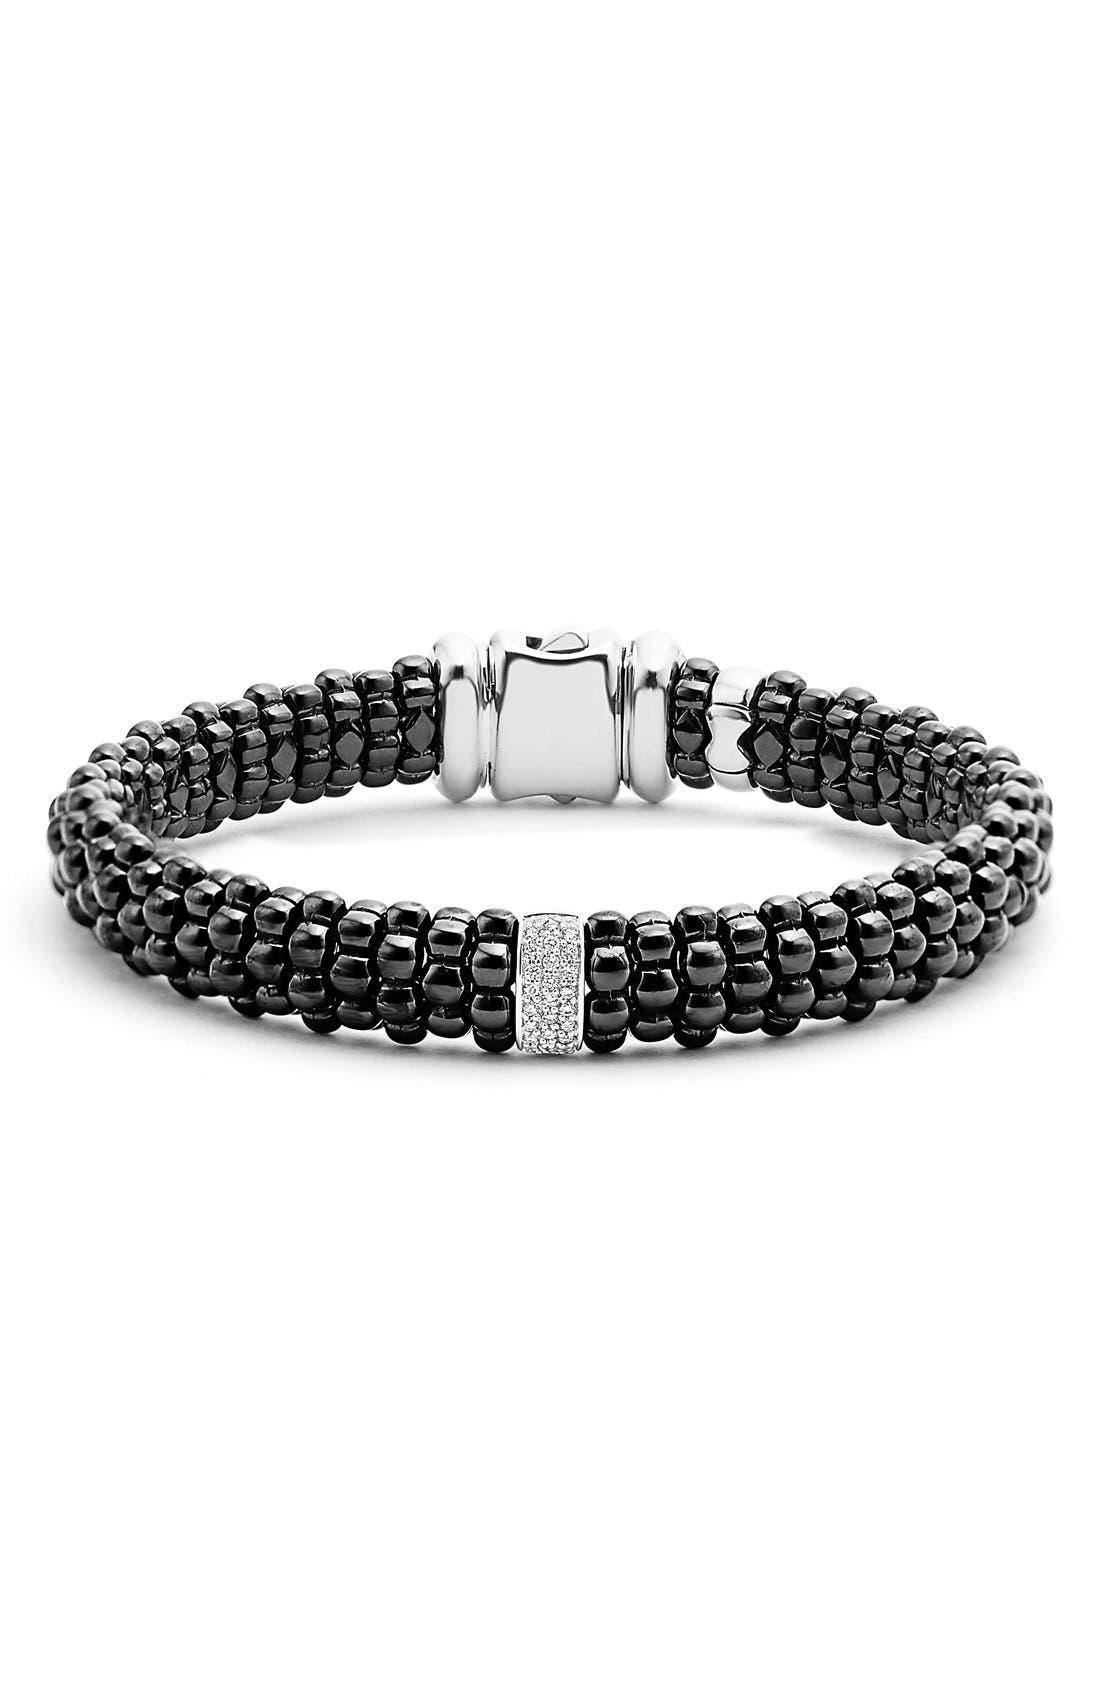 Main Image - LAGOS Black Caviar Bracelet